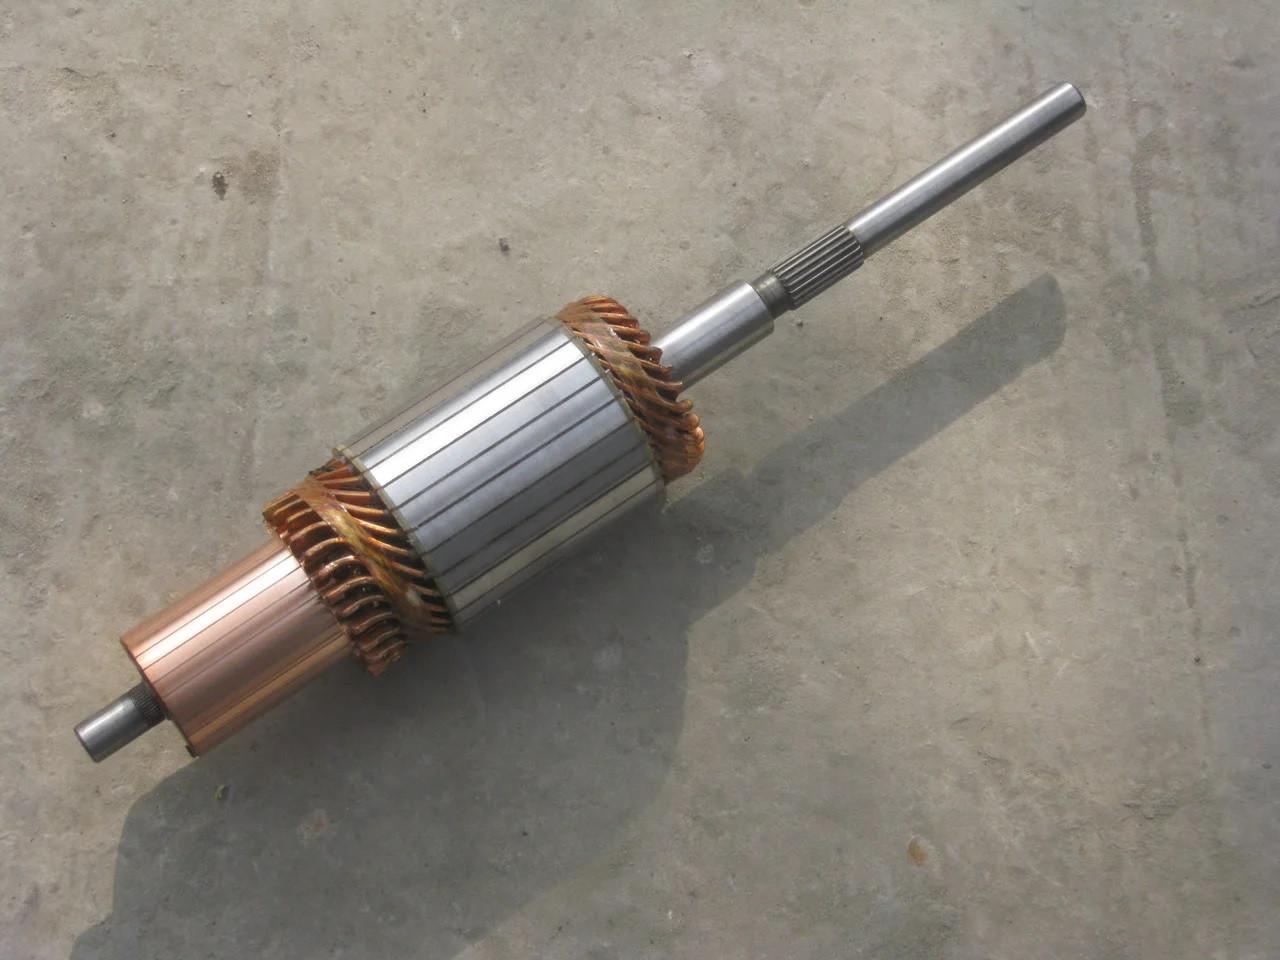 Якорь стартера 3212.3708 смд 31 (24 вольт)